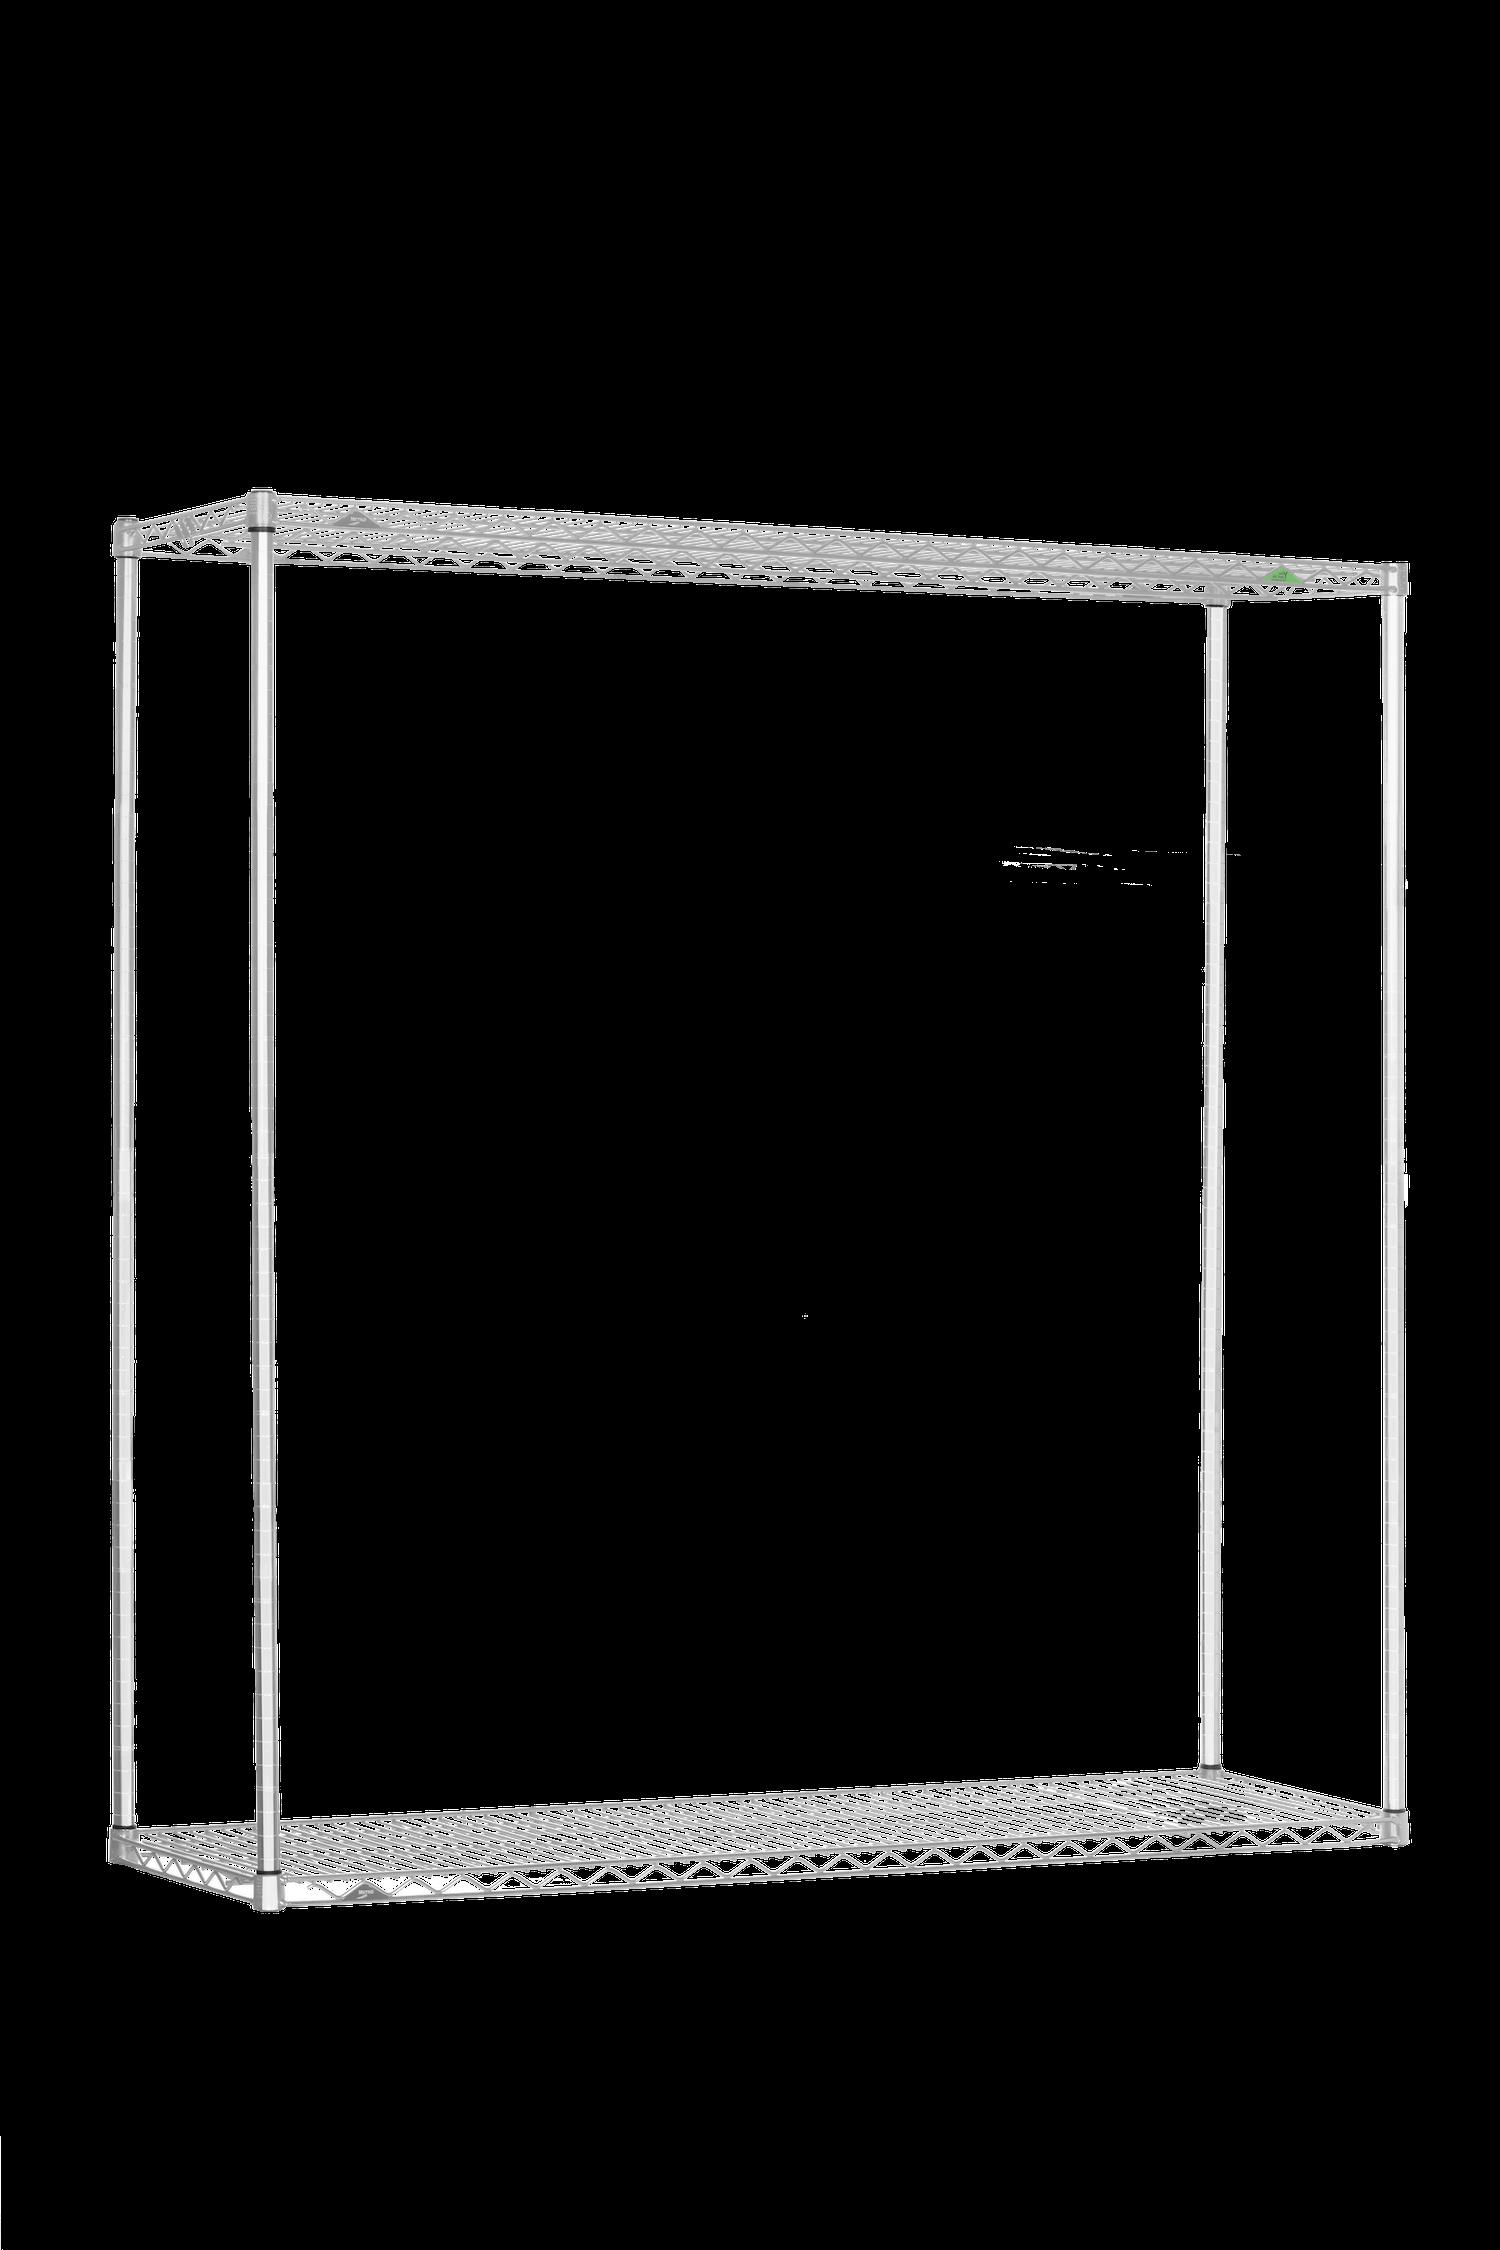 457x1524mm, 18x60 inch